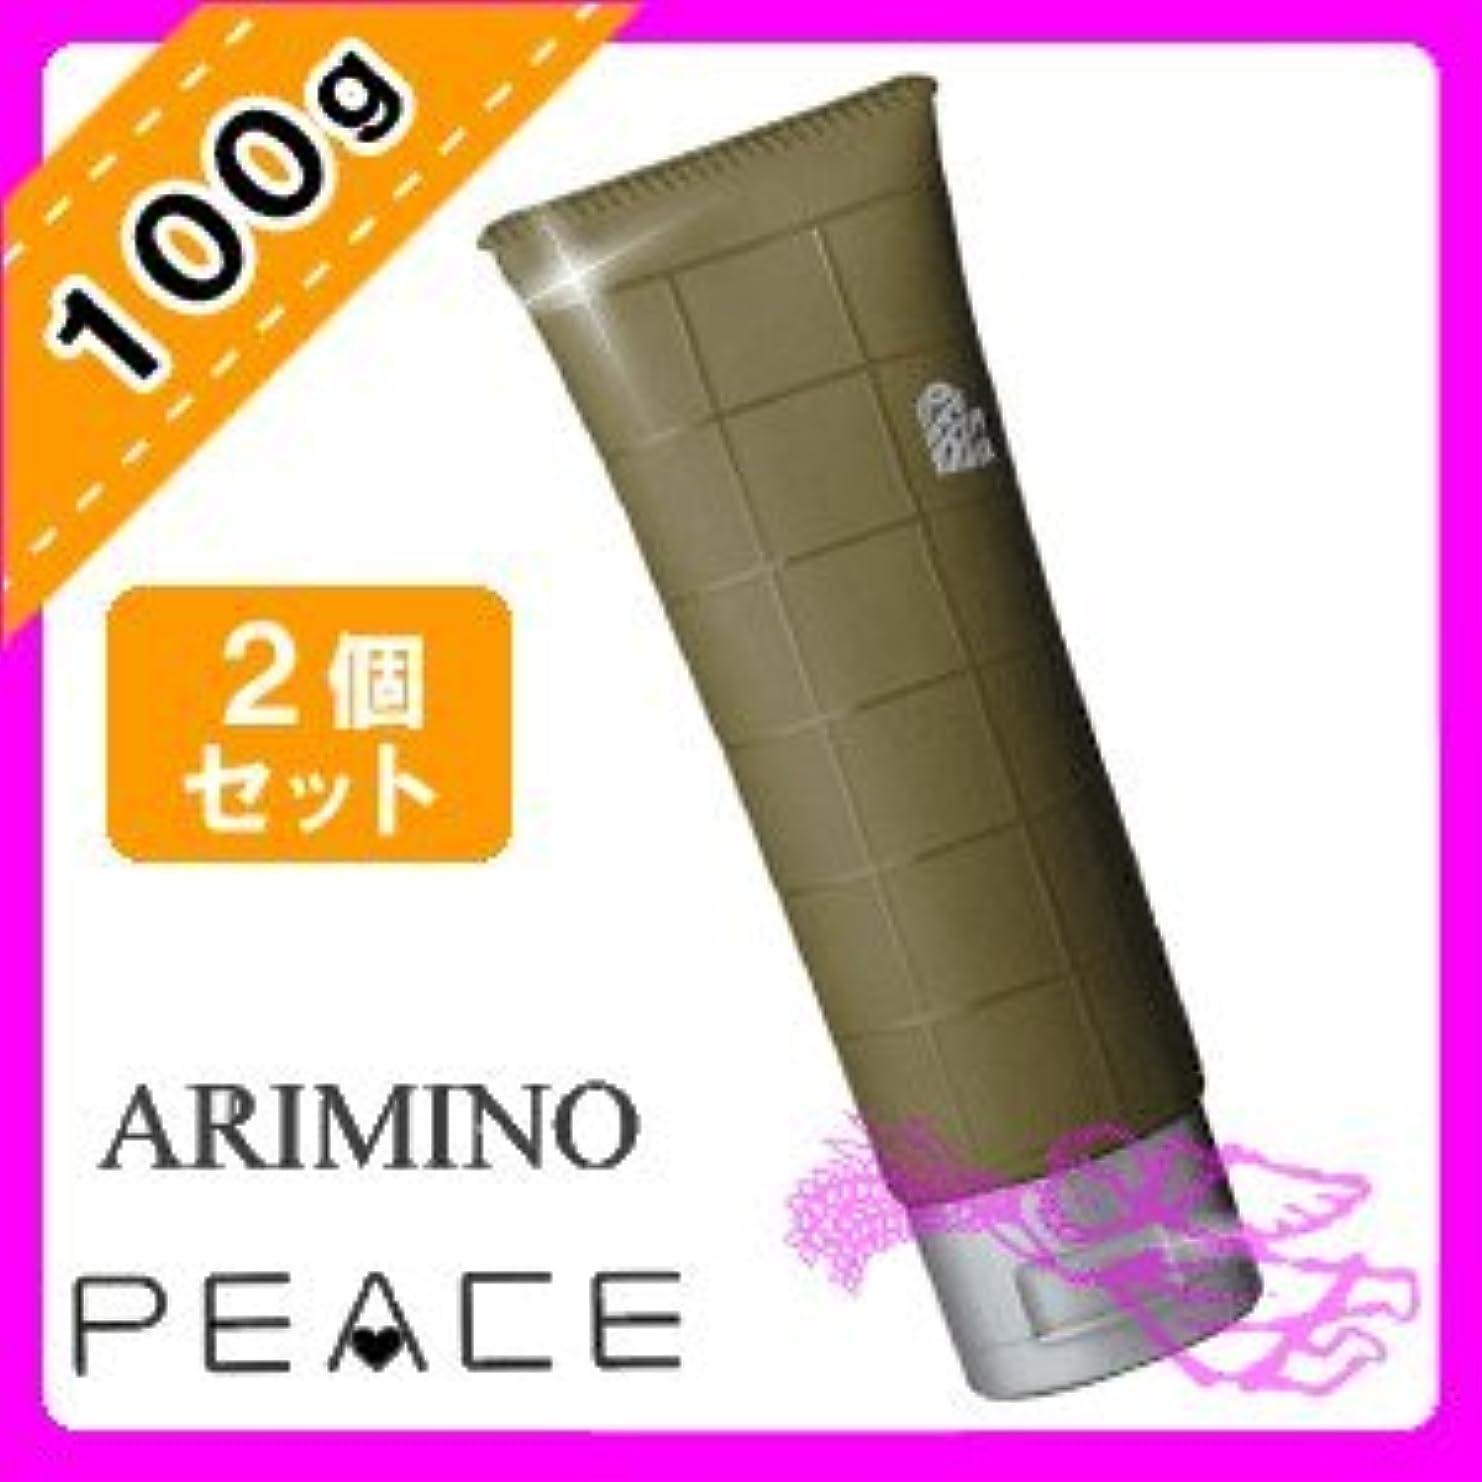 メディック値調和アリミノ ピース ウェットオイル ワックス 100g ×2個セット arimino PEACE